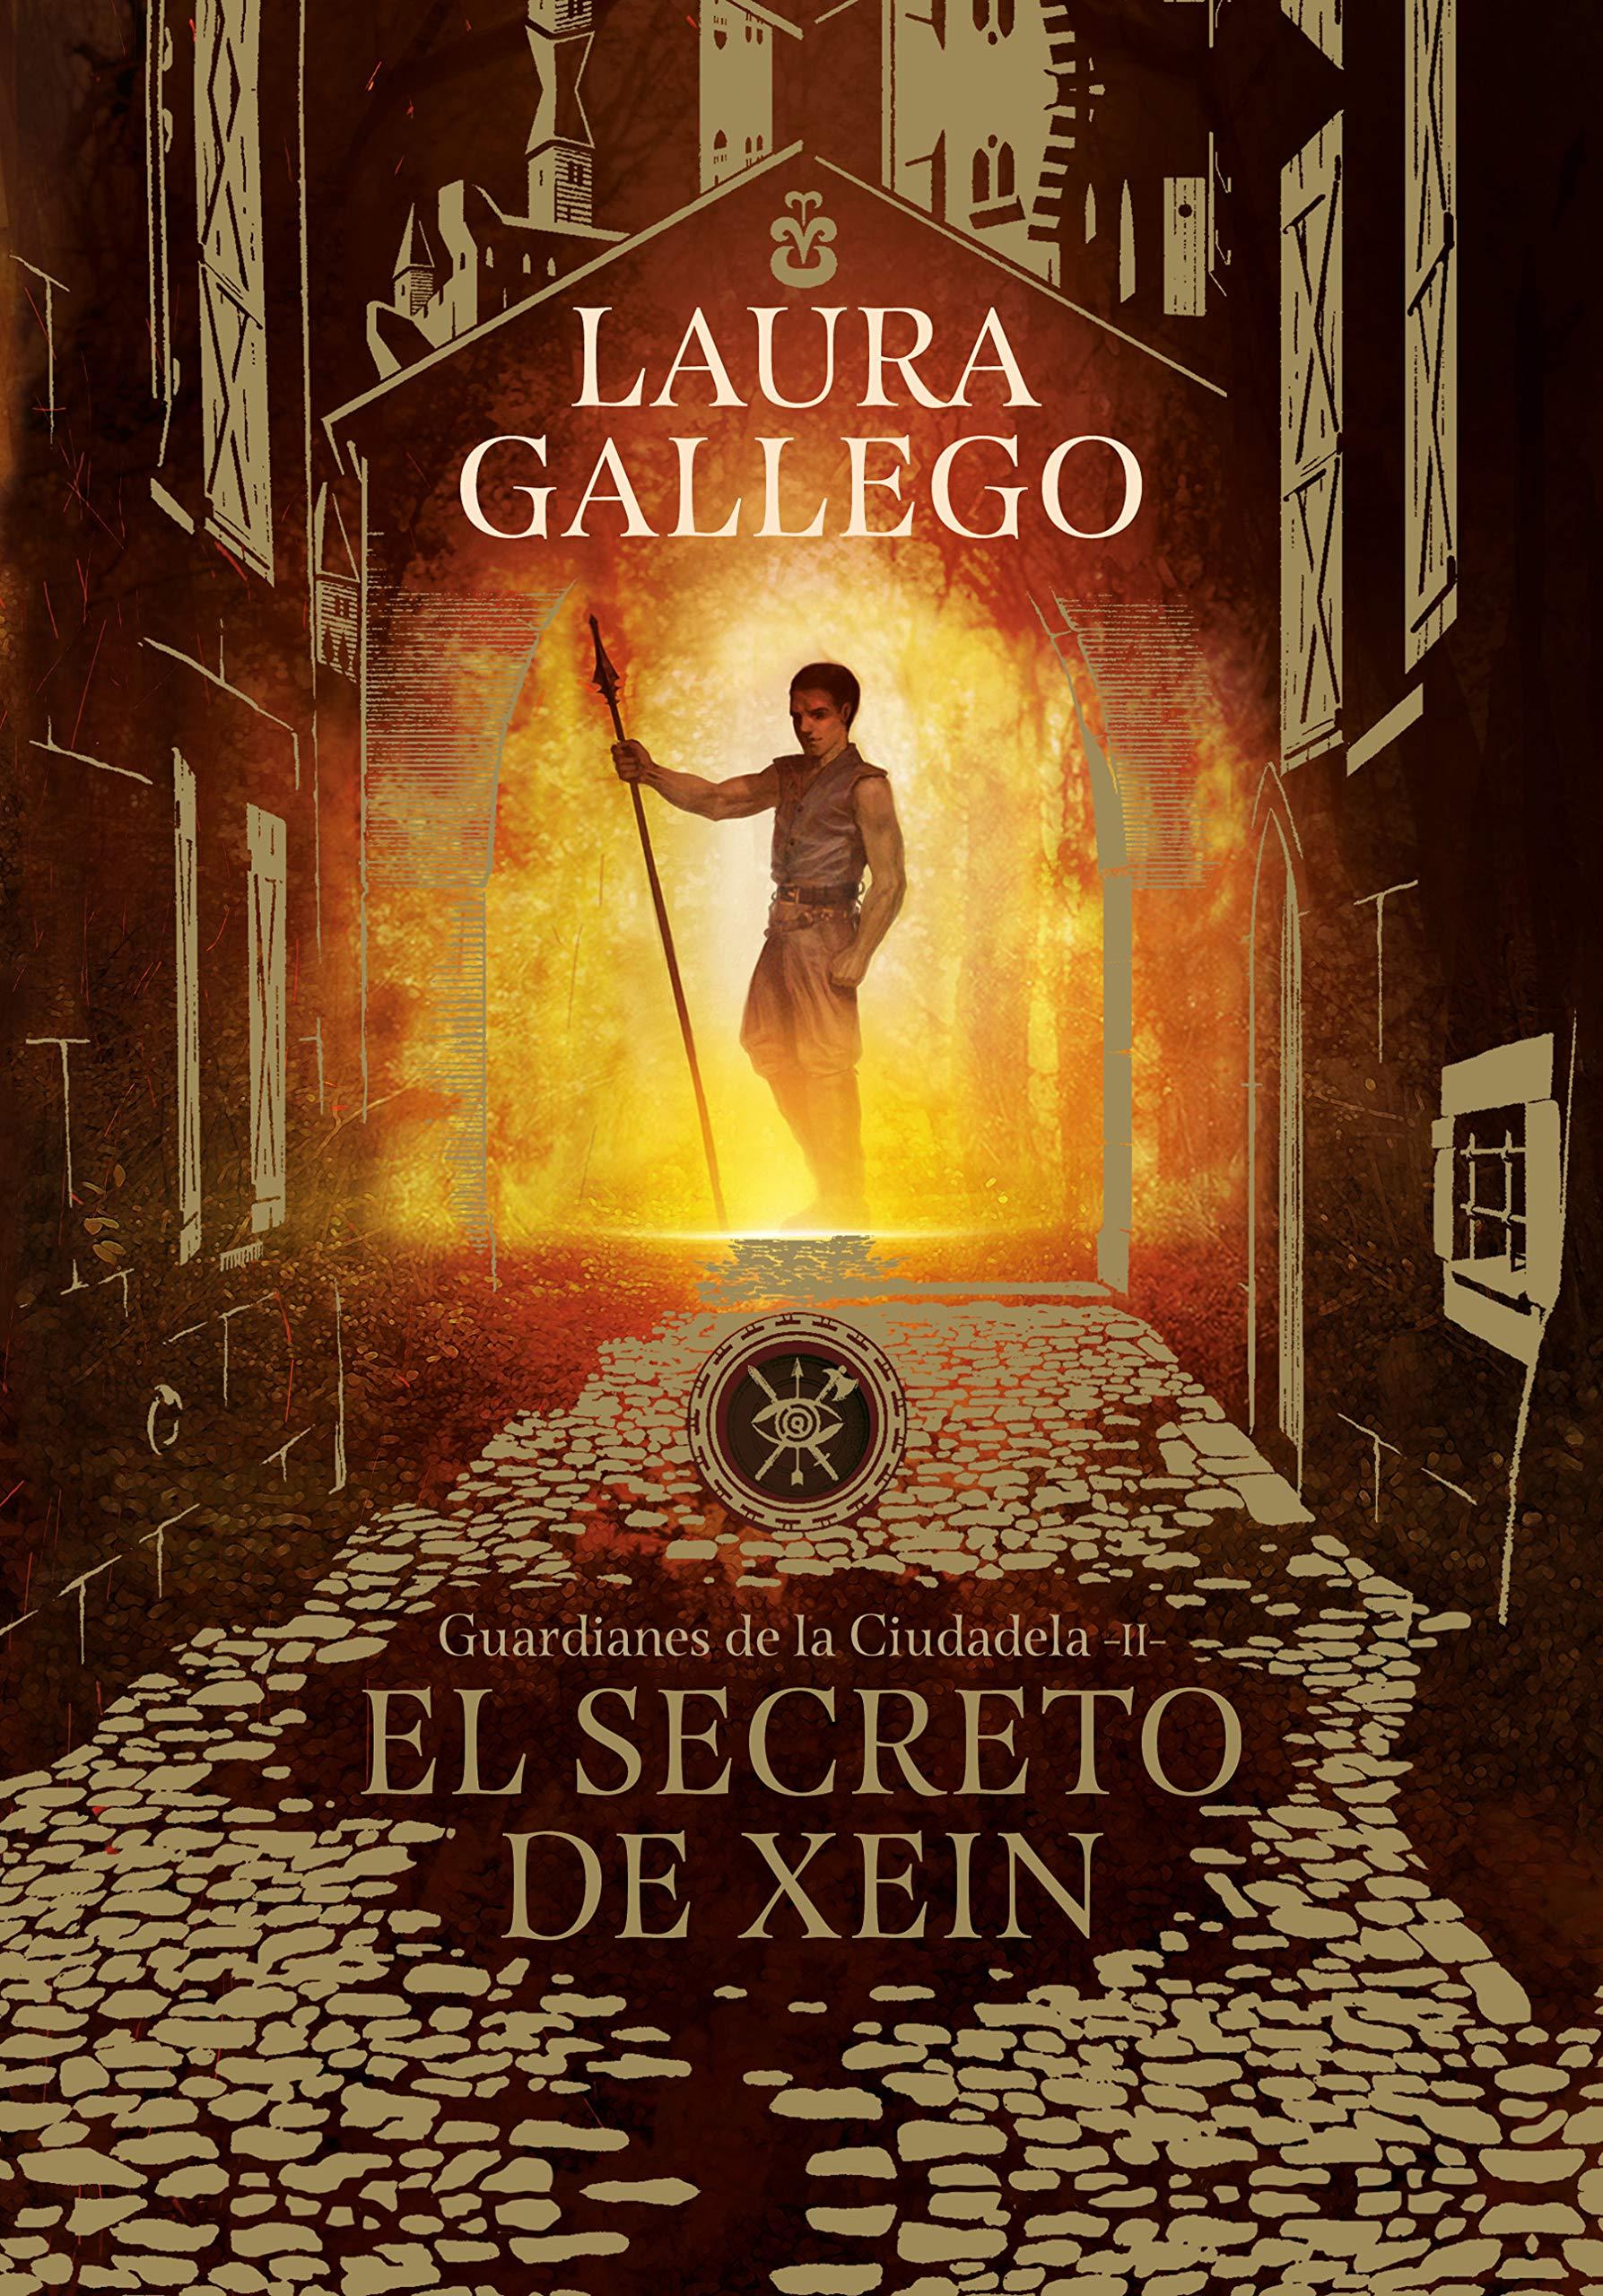 Amazon.com: El secreto de Xein / Xein's Secret (Guardianes De La Ciudadela)  (Spanish Edition) (9786073172912): Laura Gallego: Books